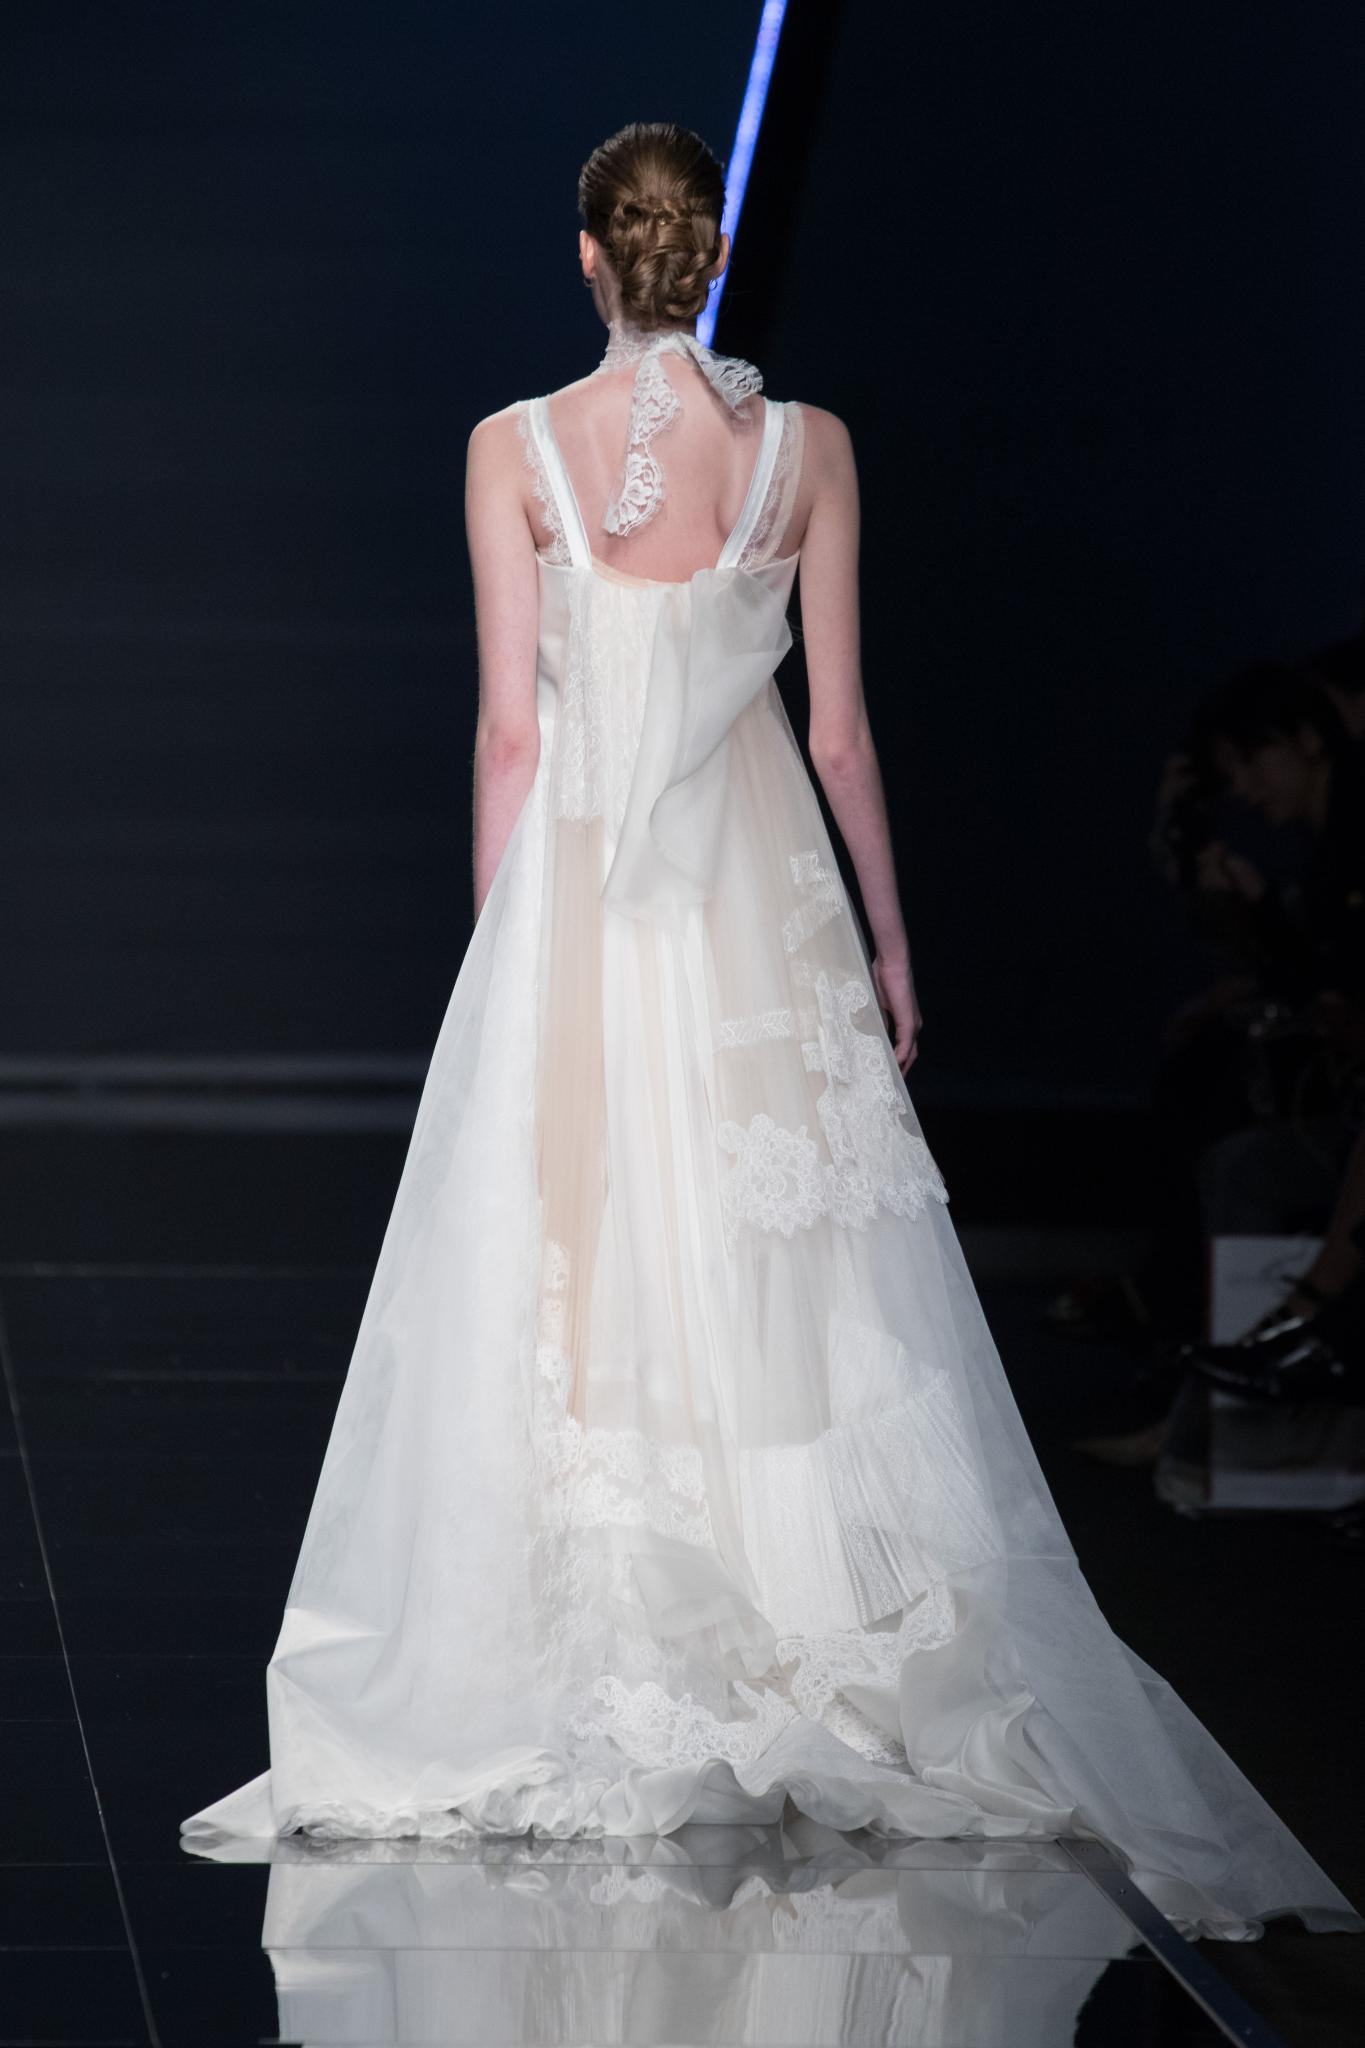 Mujer de vestido blanco, enfocada desde atrás con cabello recogido